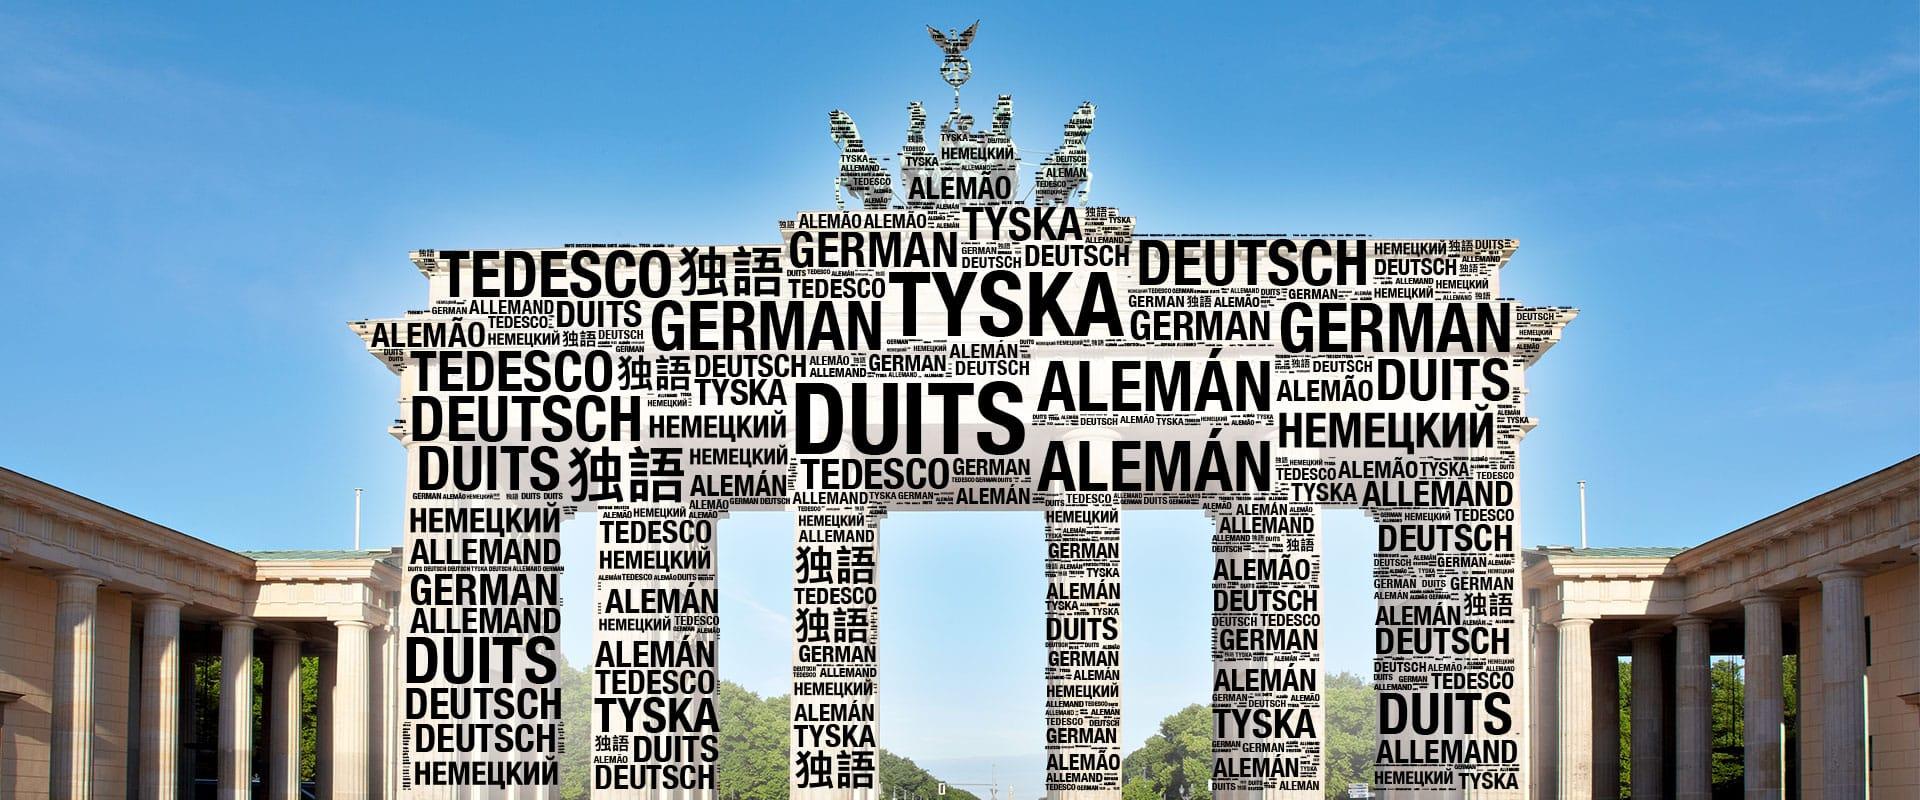 Brandenburger Tor Wortwolke - Übersetzungen München